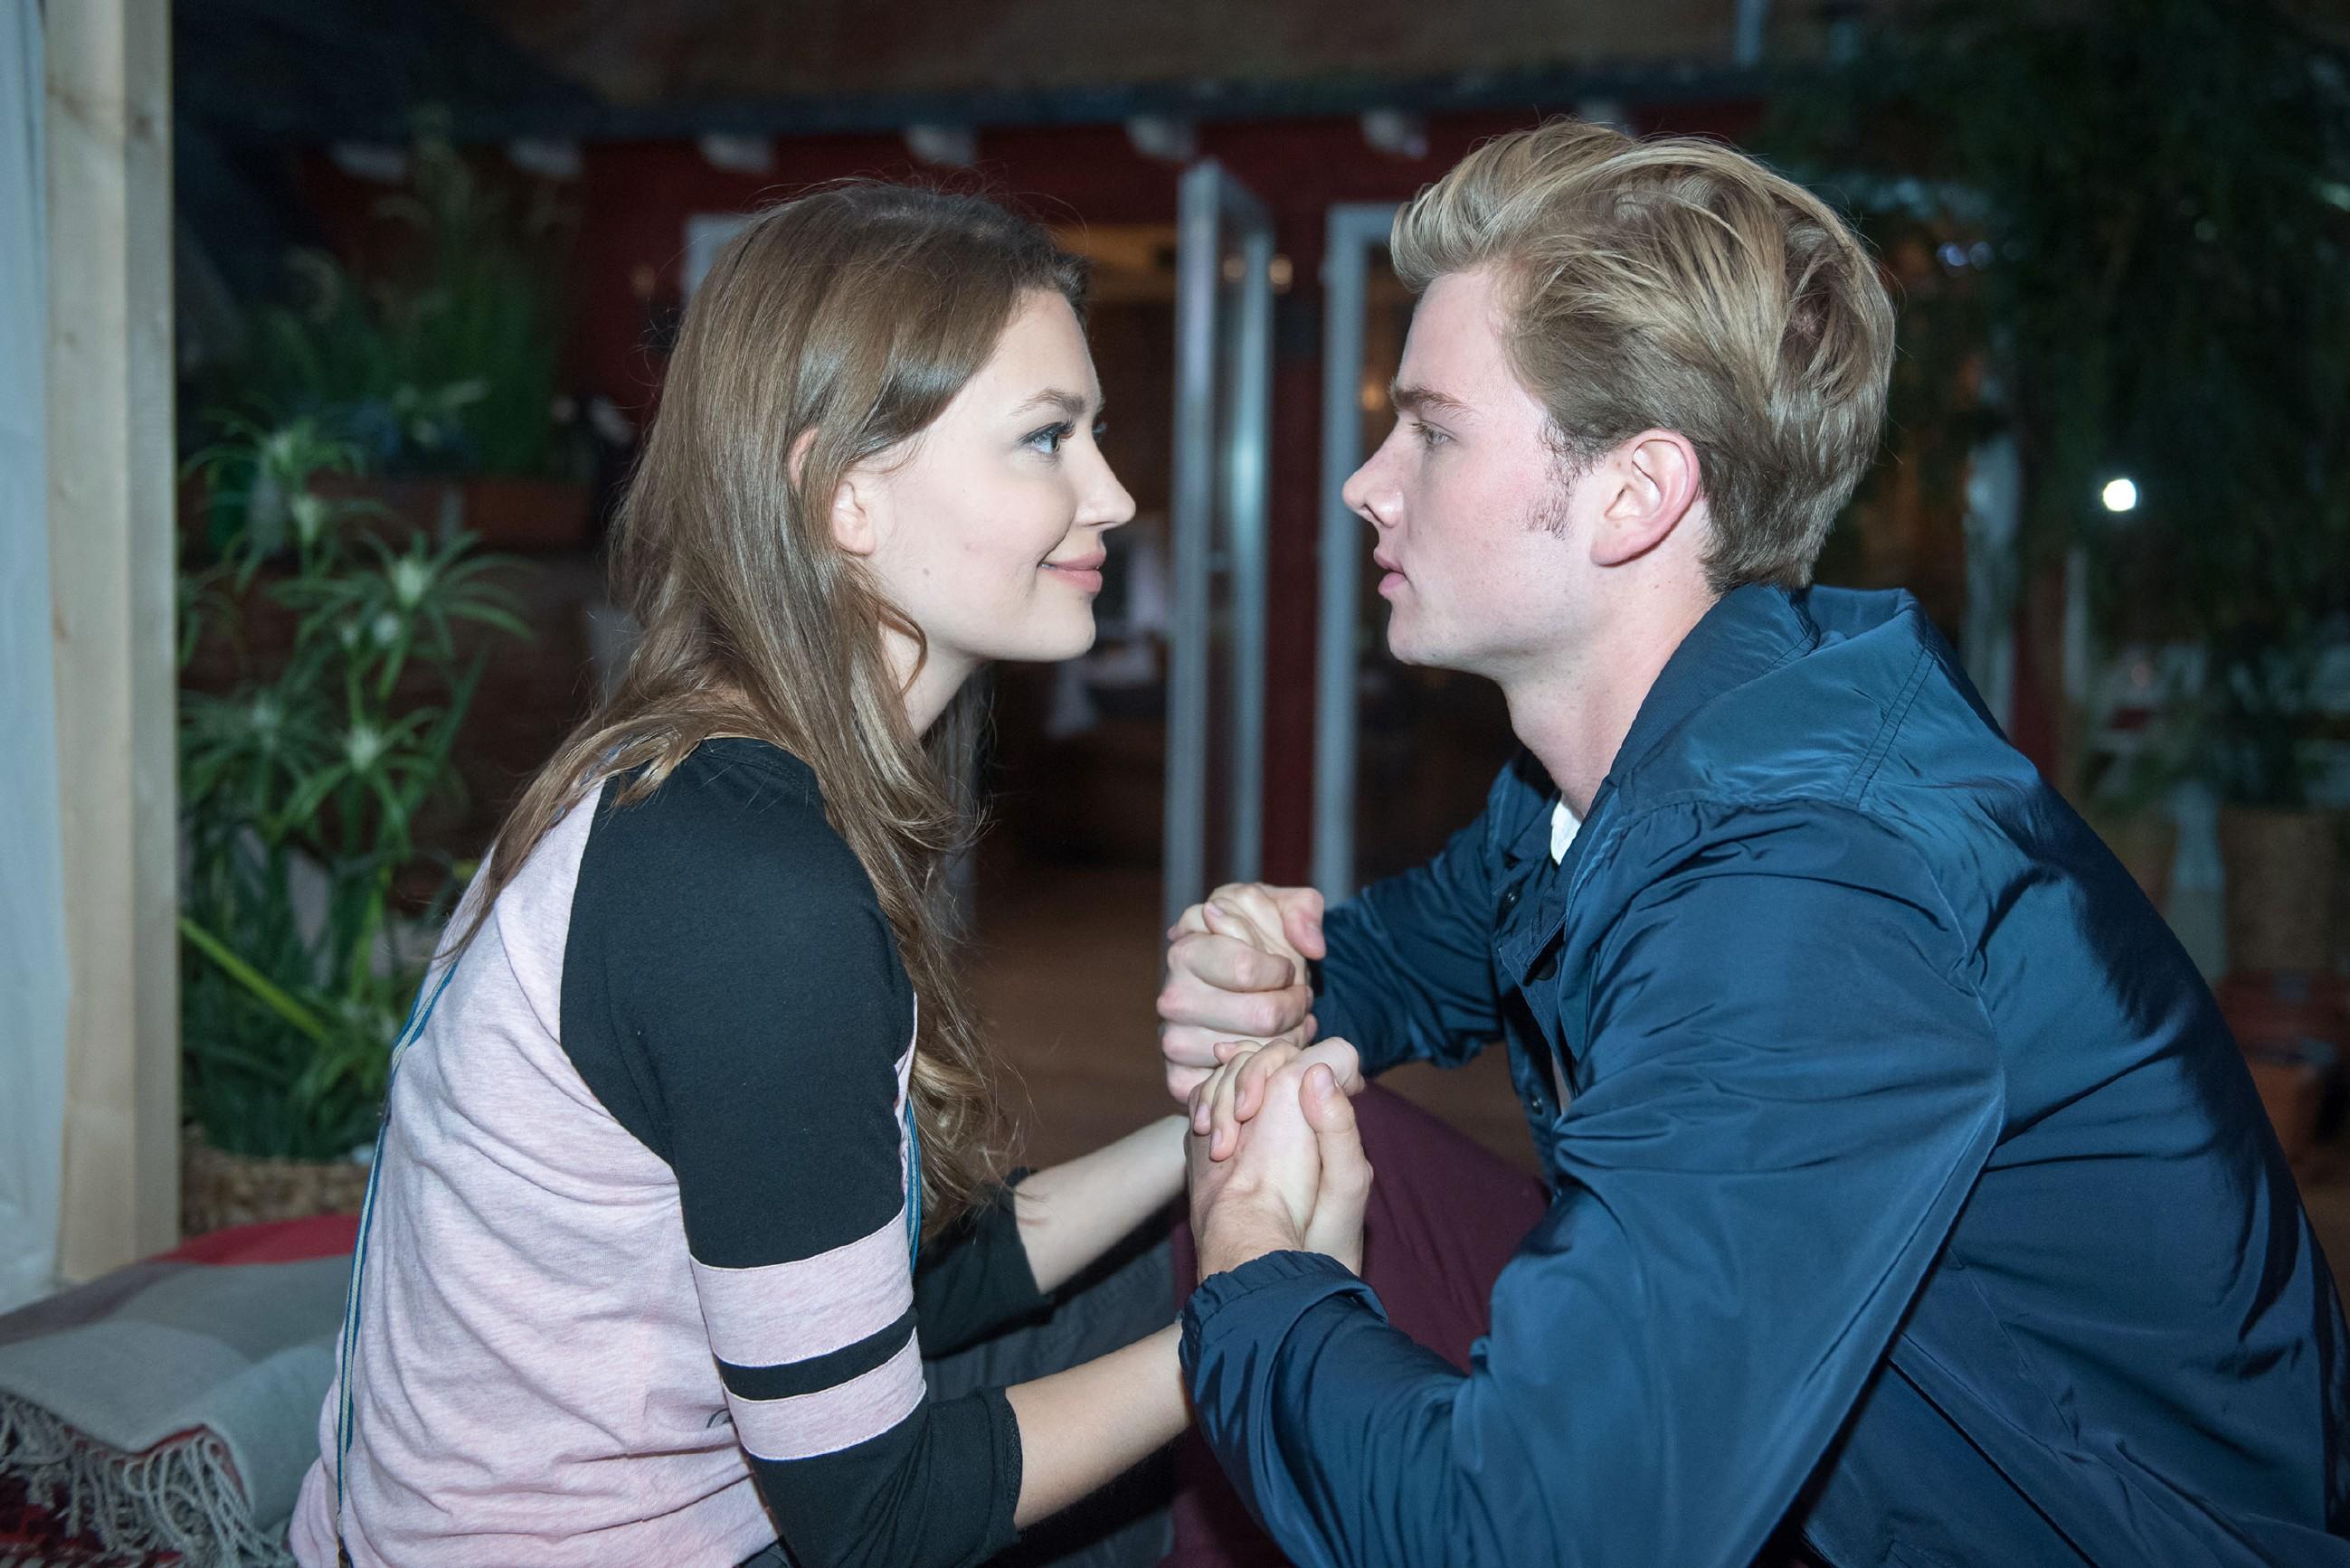 Valentin (Aaron Koszuta) schlägt der arglosen Jule (Amrei Haardt) vor, schnellstmöglich gemeinsam zu ihrem Vater nach Südafrika zu fliegen. (Quelle: RTL / Stefan Behrens)